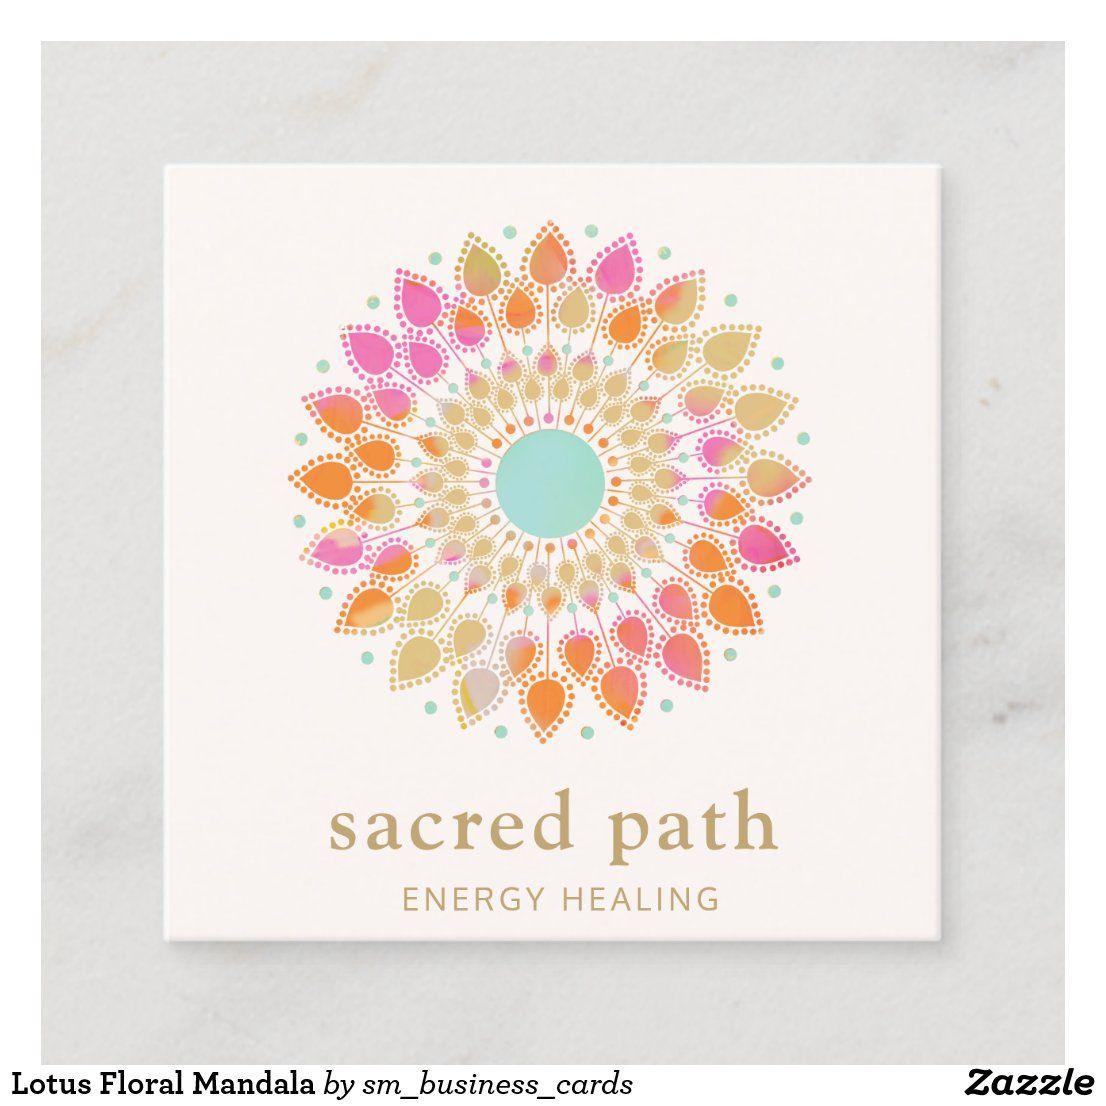 Lotus Floral Mandala Square Business Card in